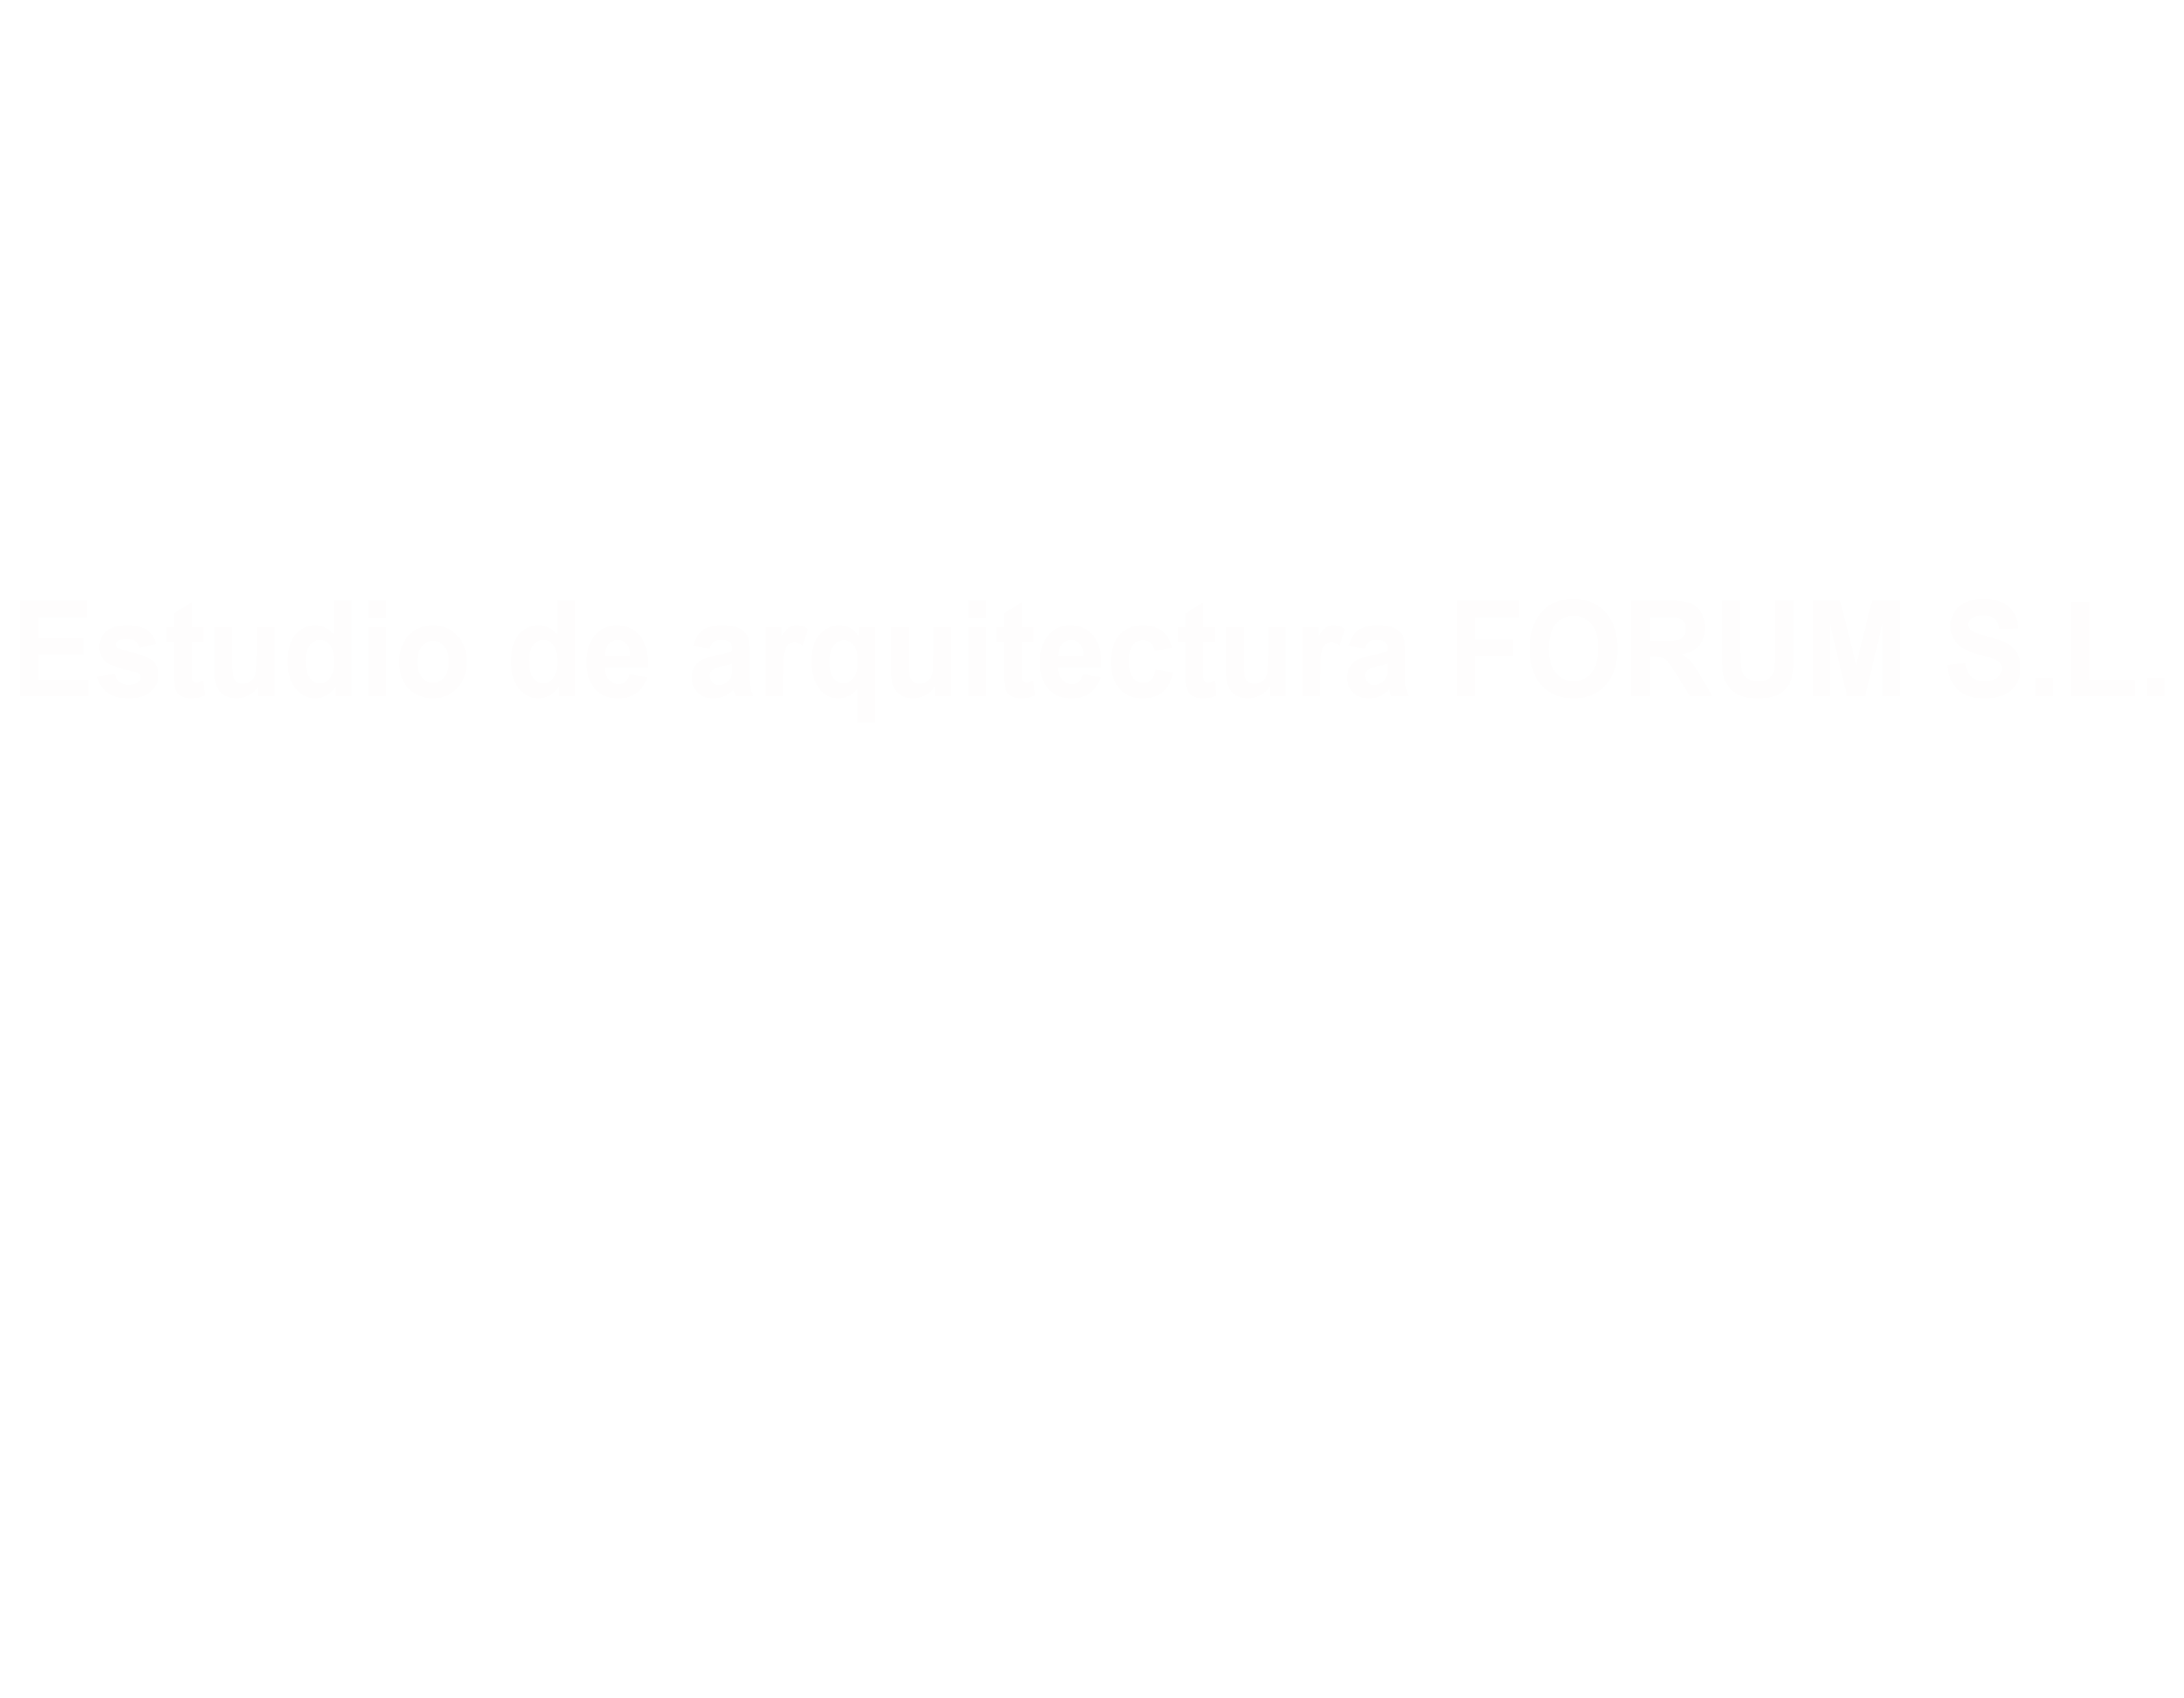 Estudio de Arquitectura FORUM S.L.